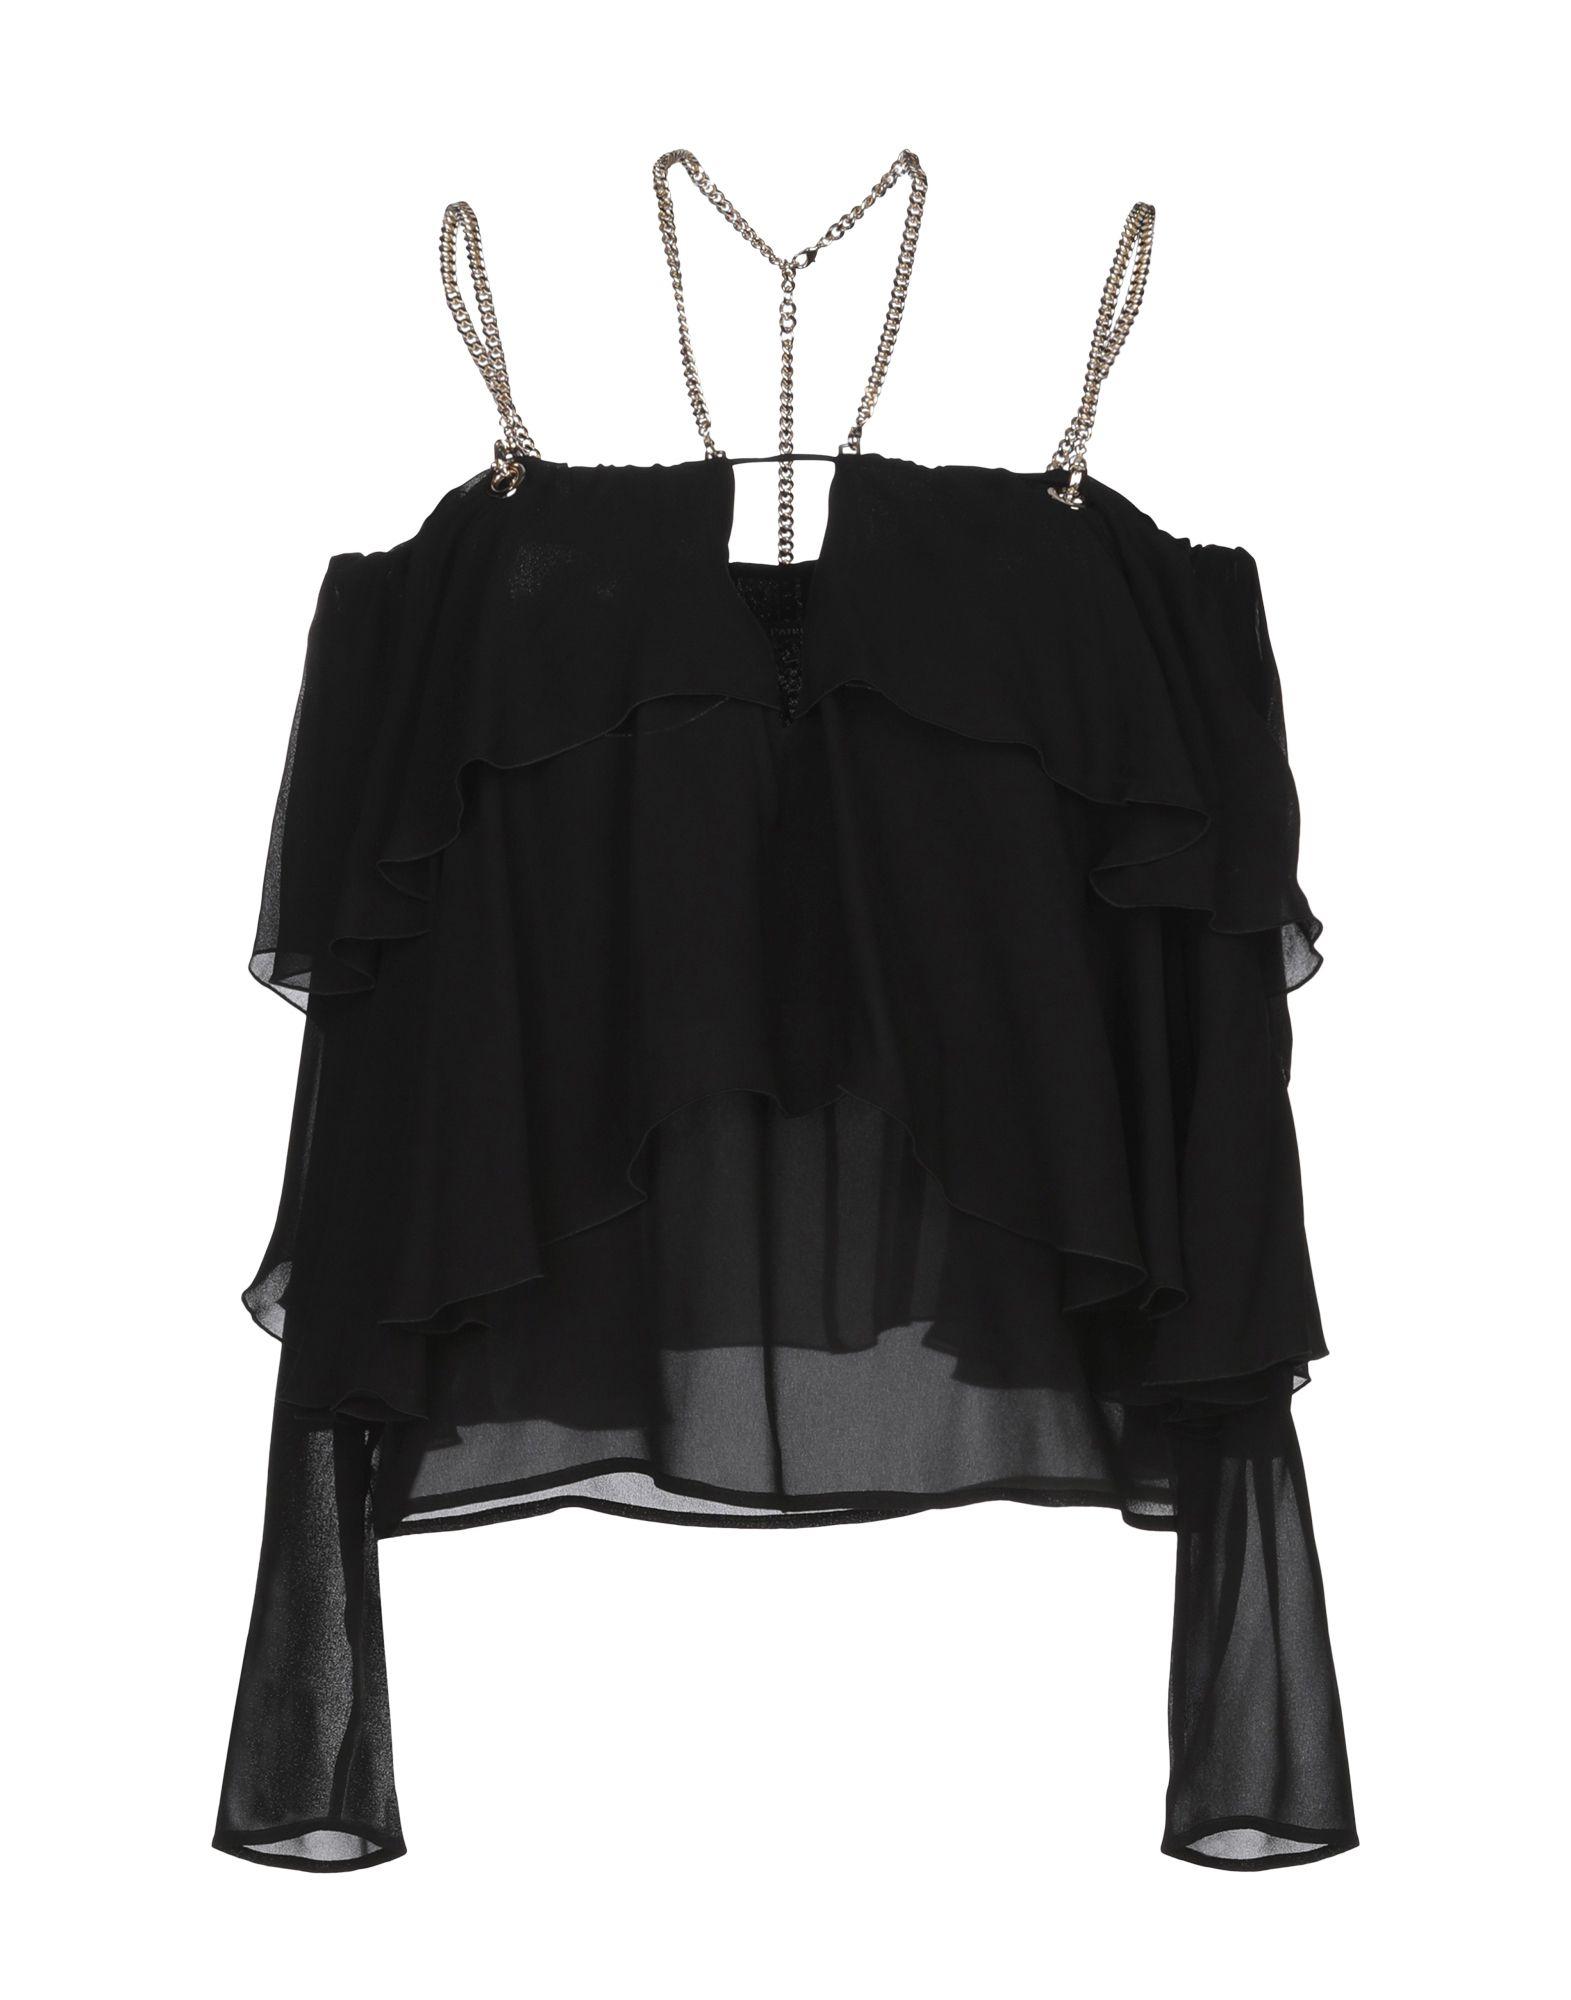 PATRIZIA PEPE SERA Блузка блузка quelle patrizia dini 142631